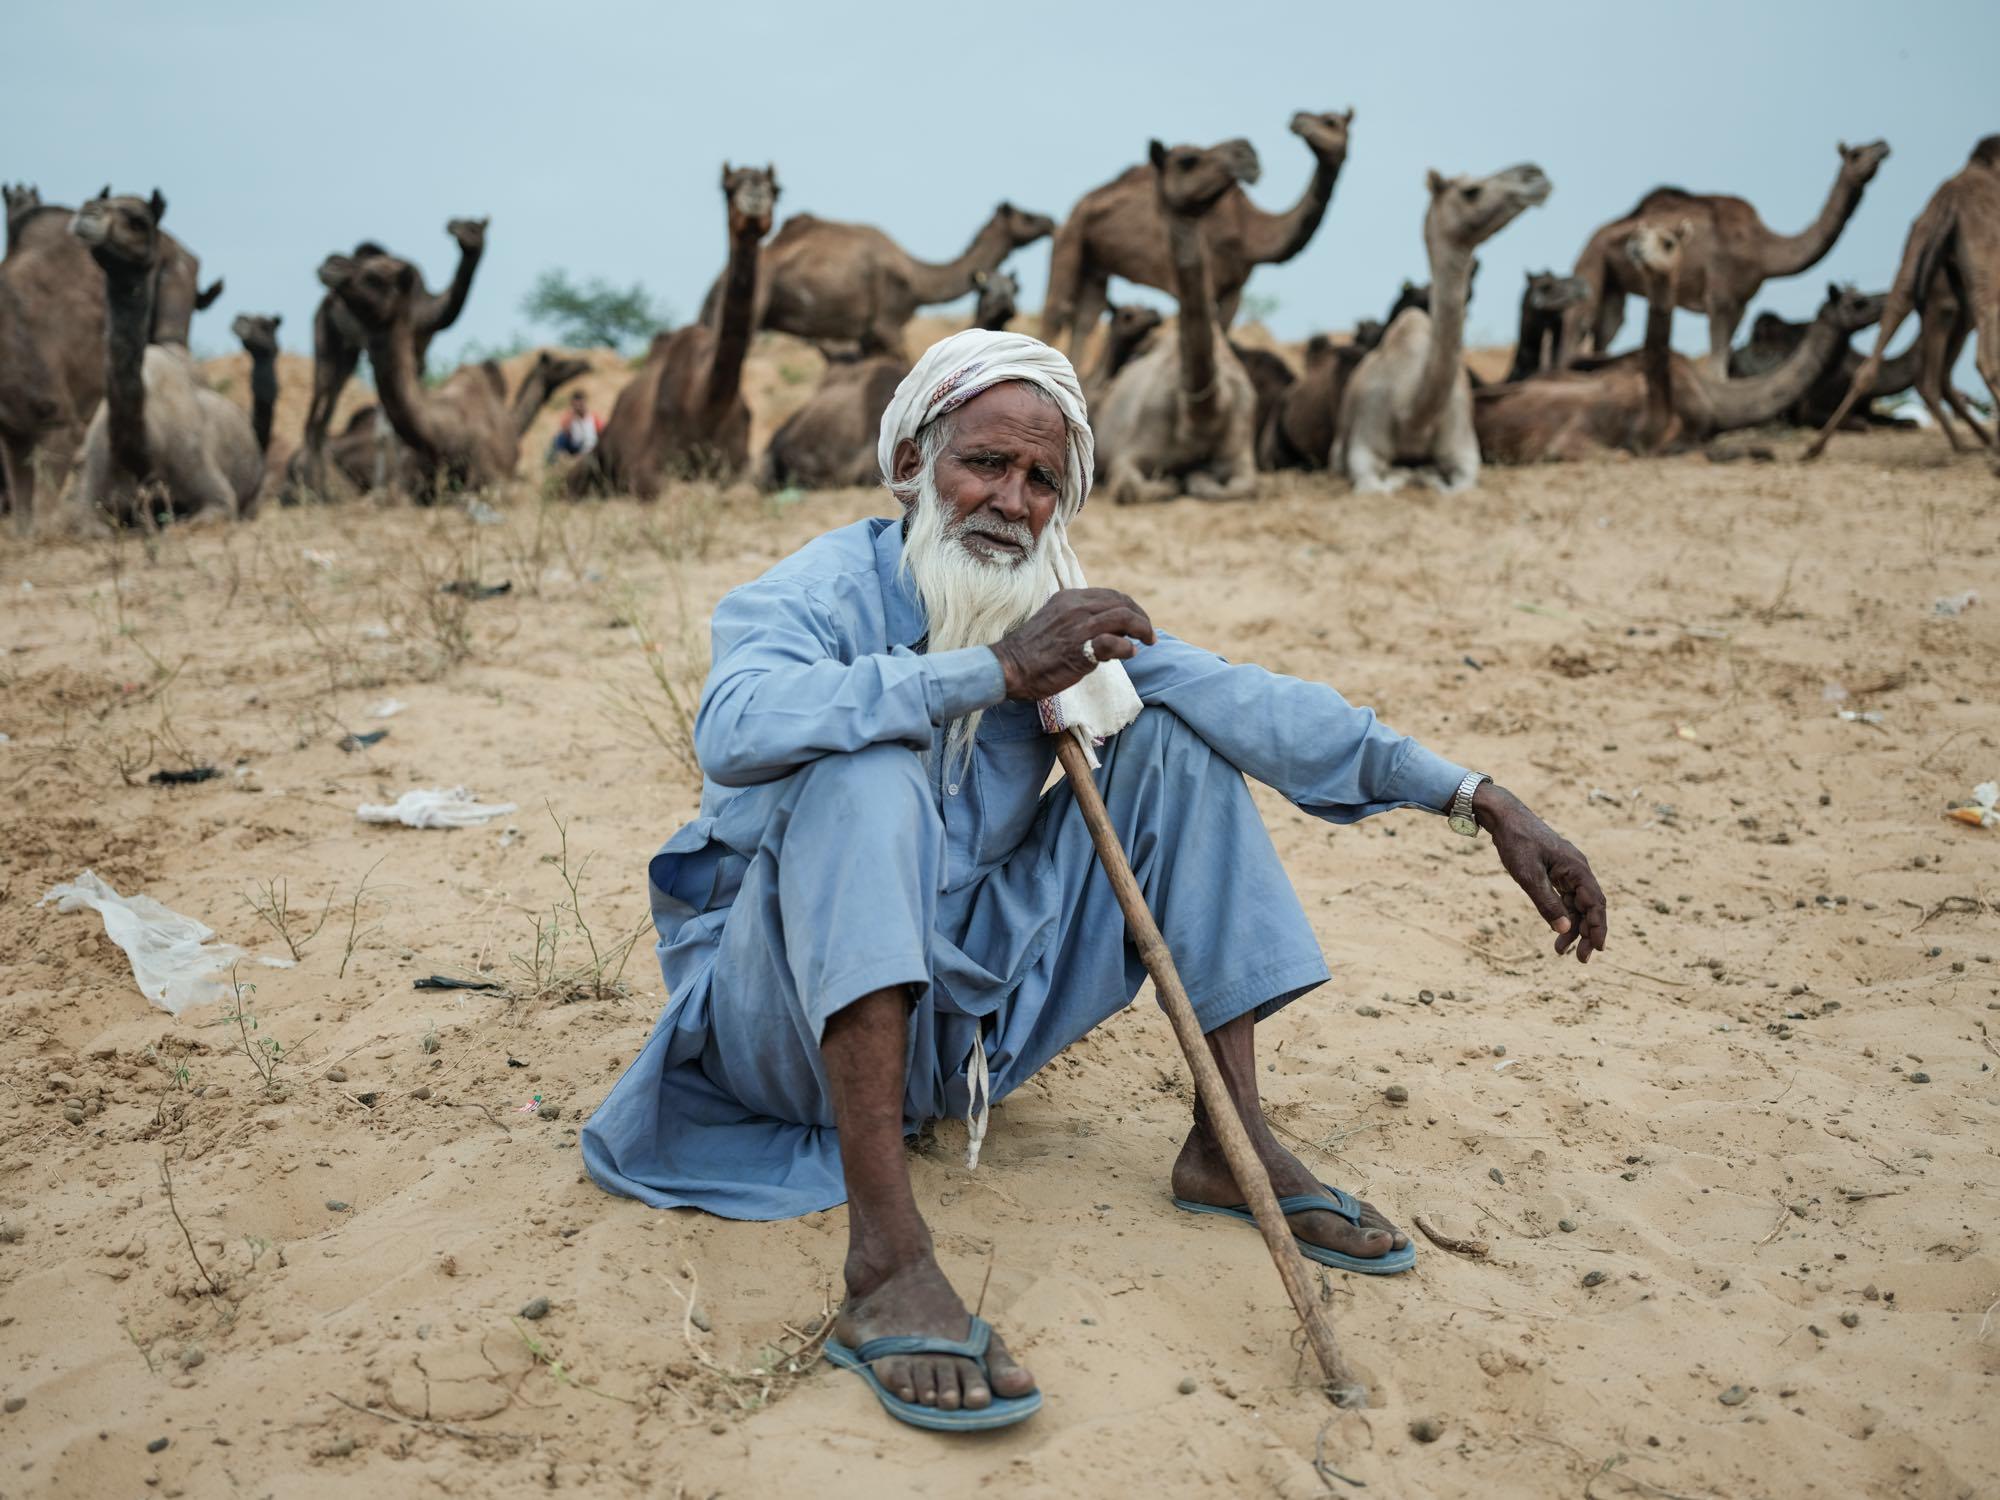 Pushkar Travel Documentary Photography India Jose Jeuland-2